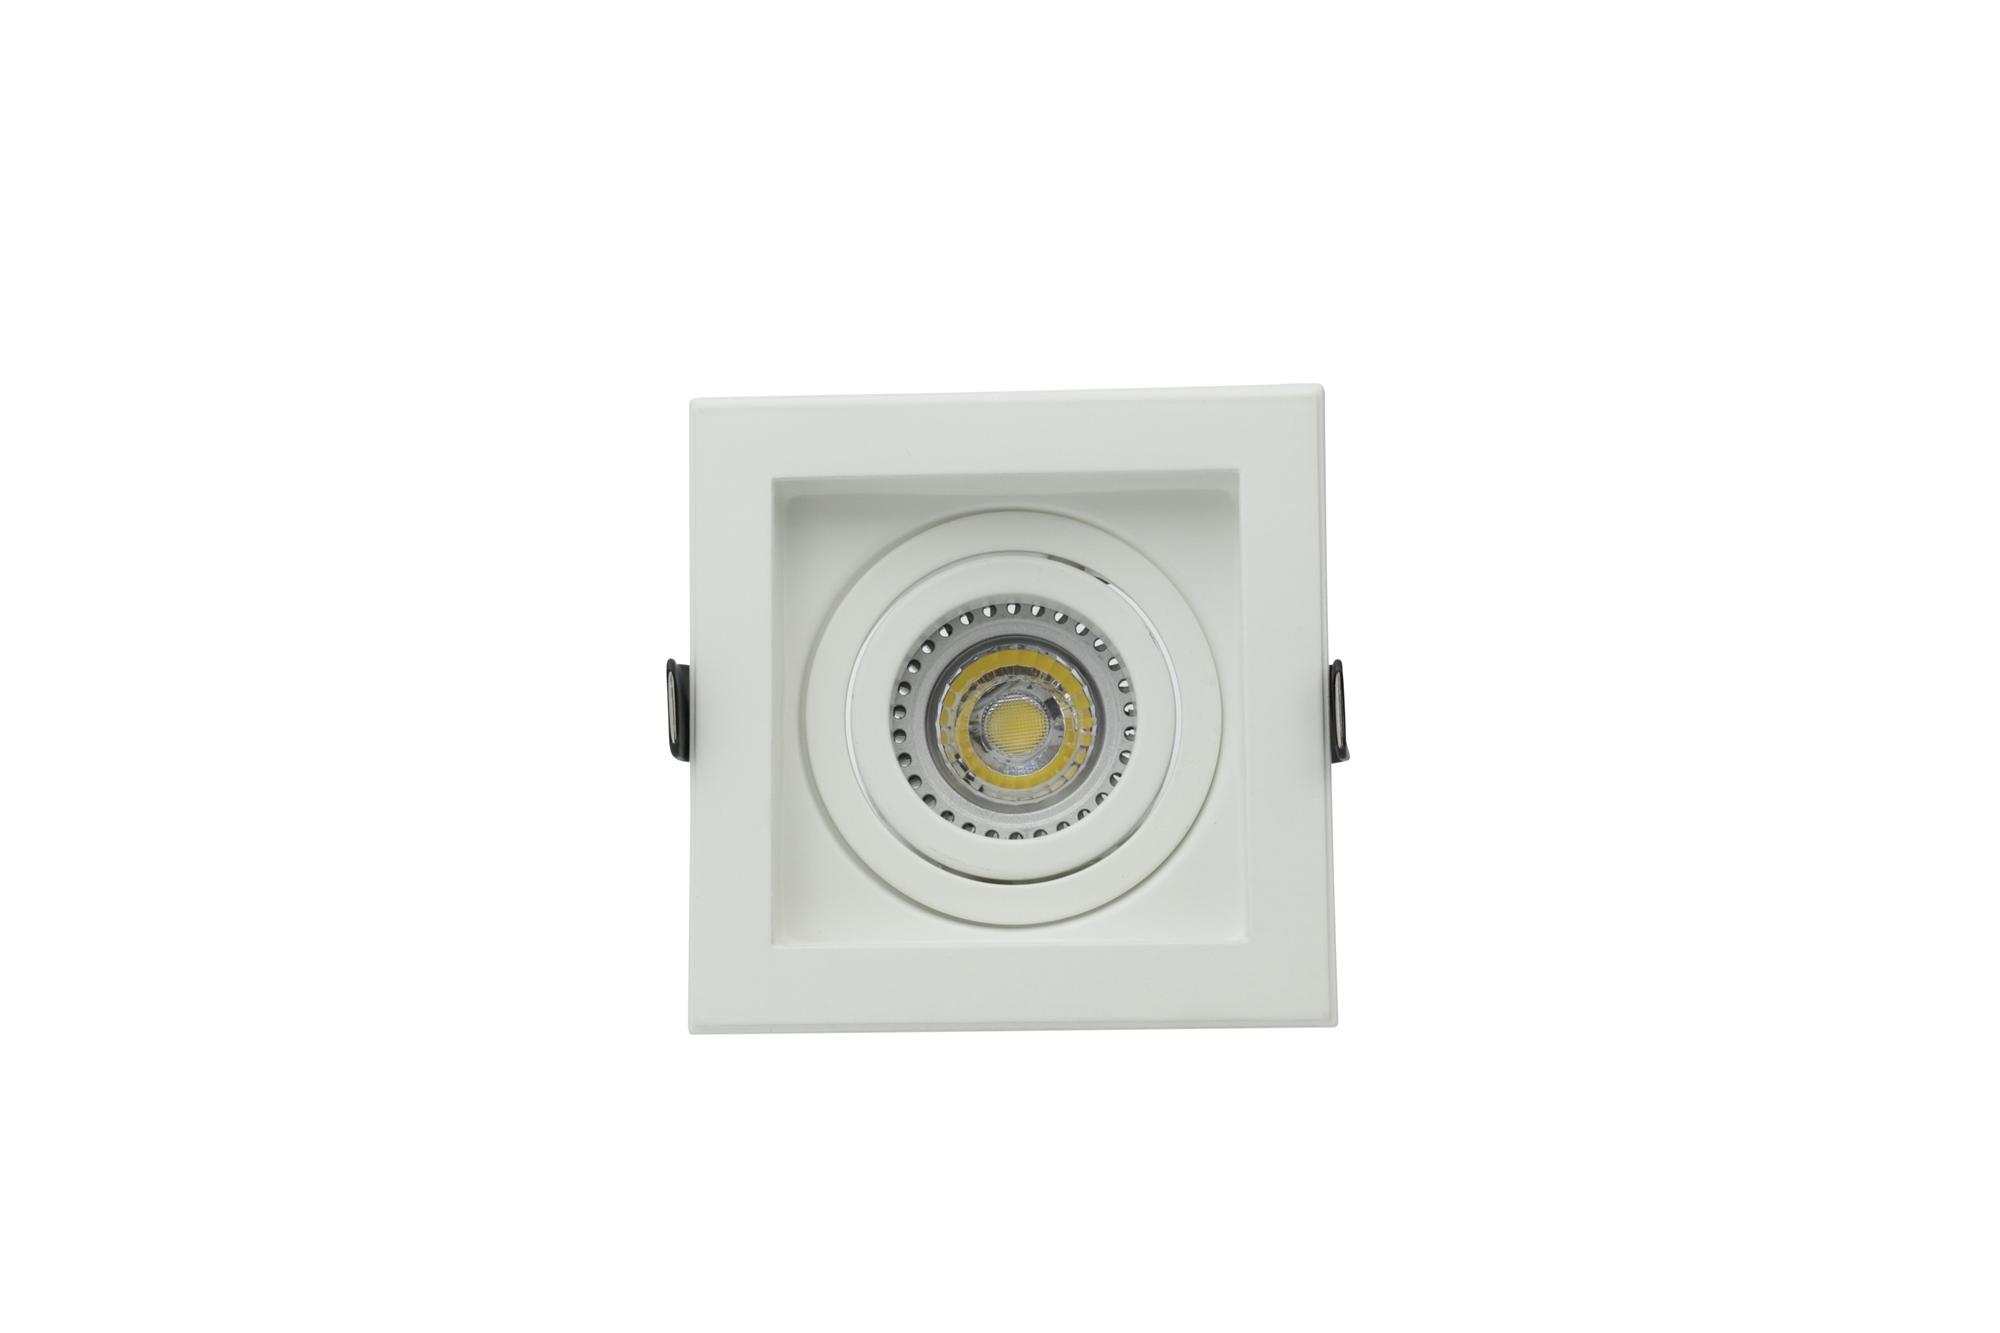 Lampenlux LED-Einbaustrahler Spot Scout eckig weiß/schwarz dreh- und schwenkbar 10.6x10.6cm